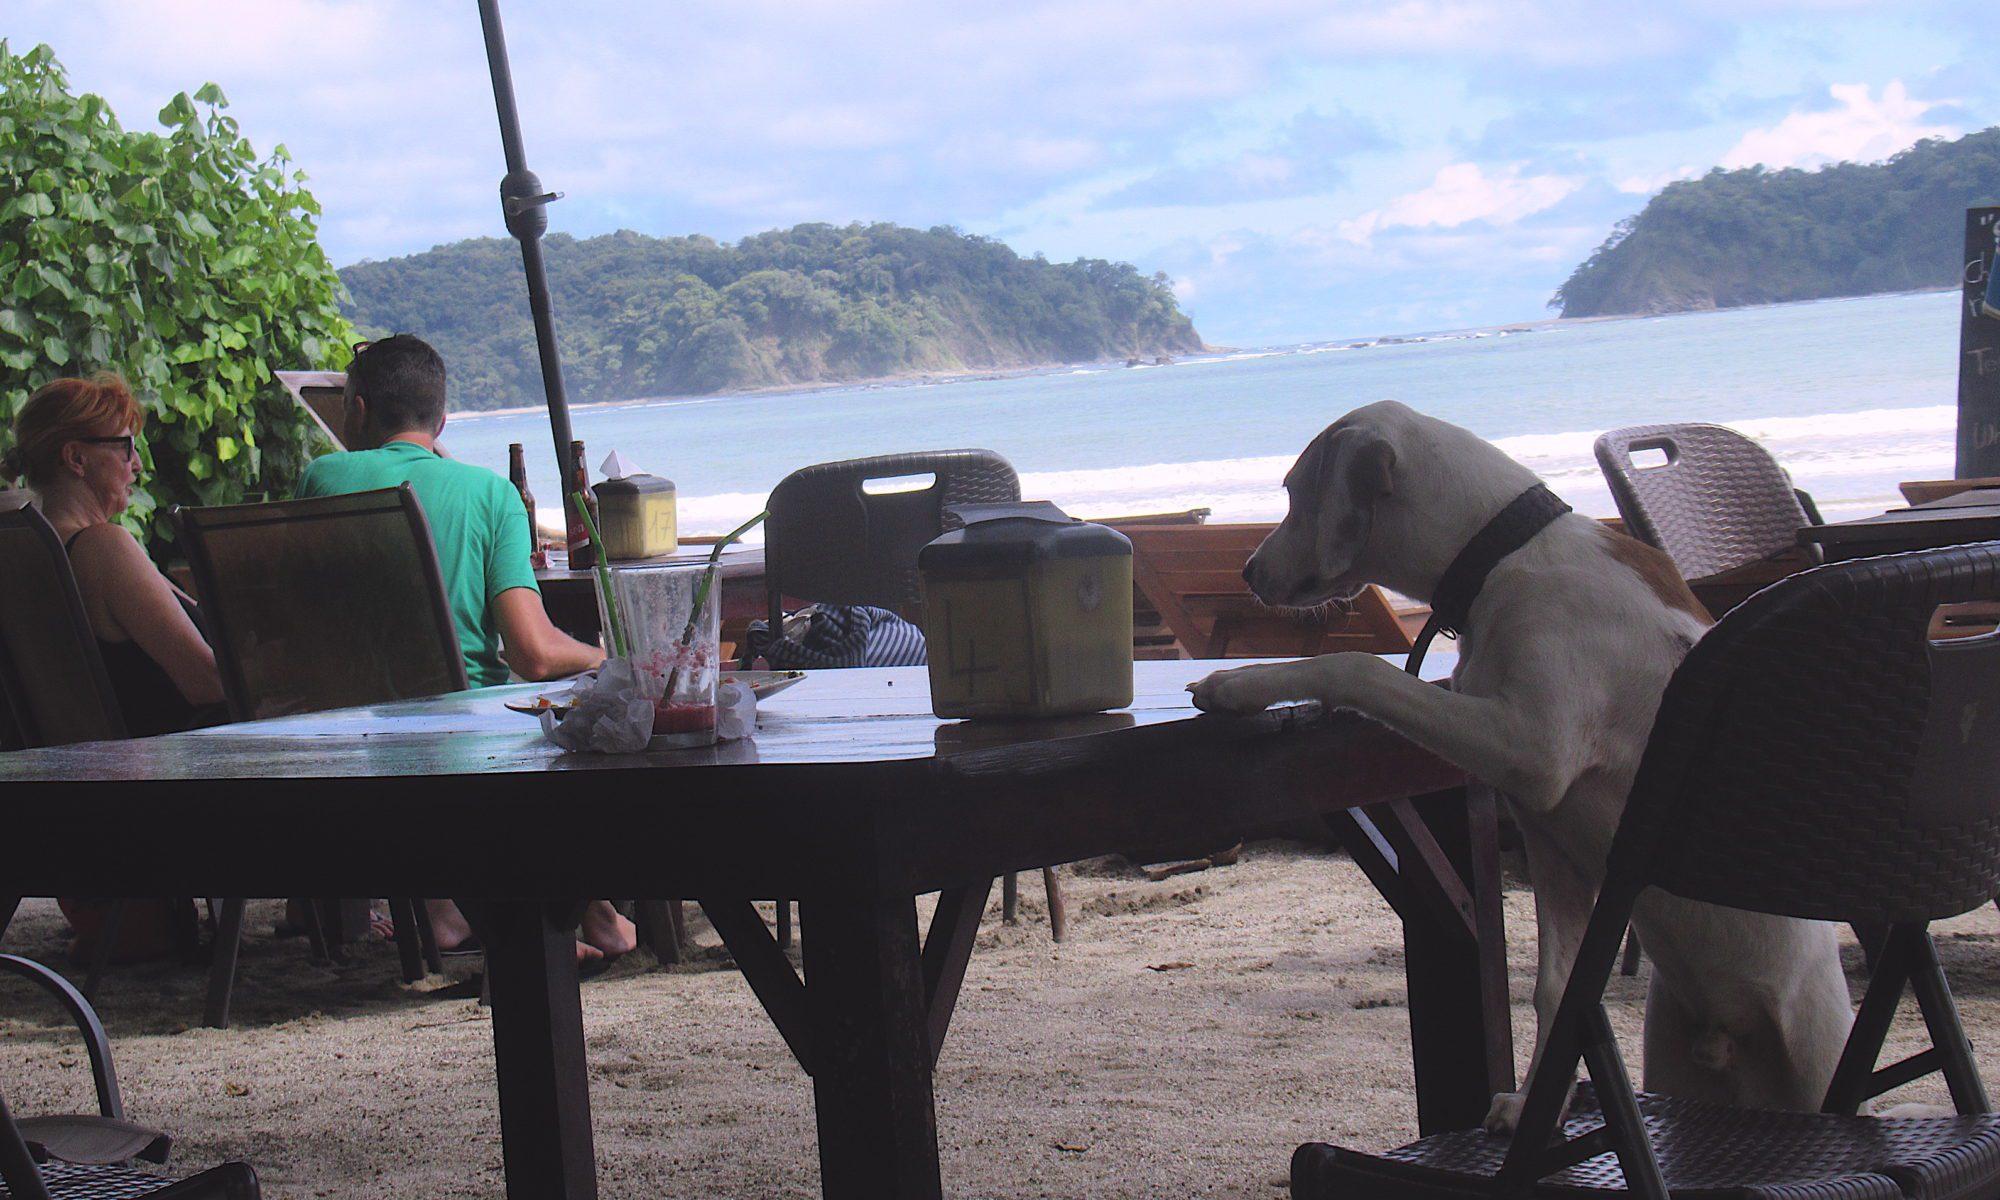 Auswanden Costa Rica, lecker Essen